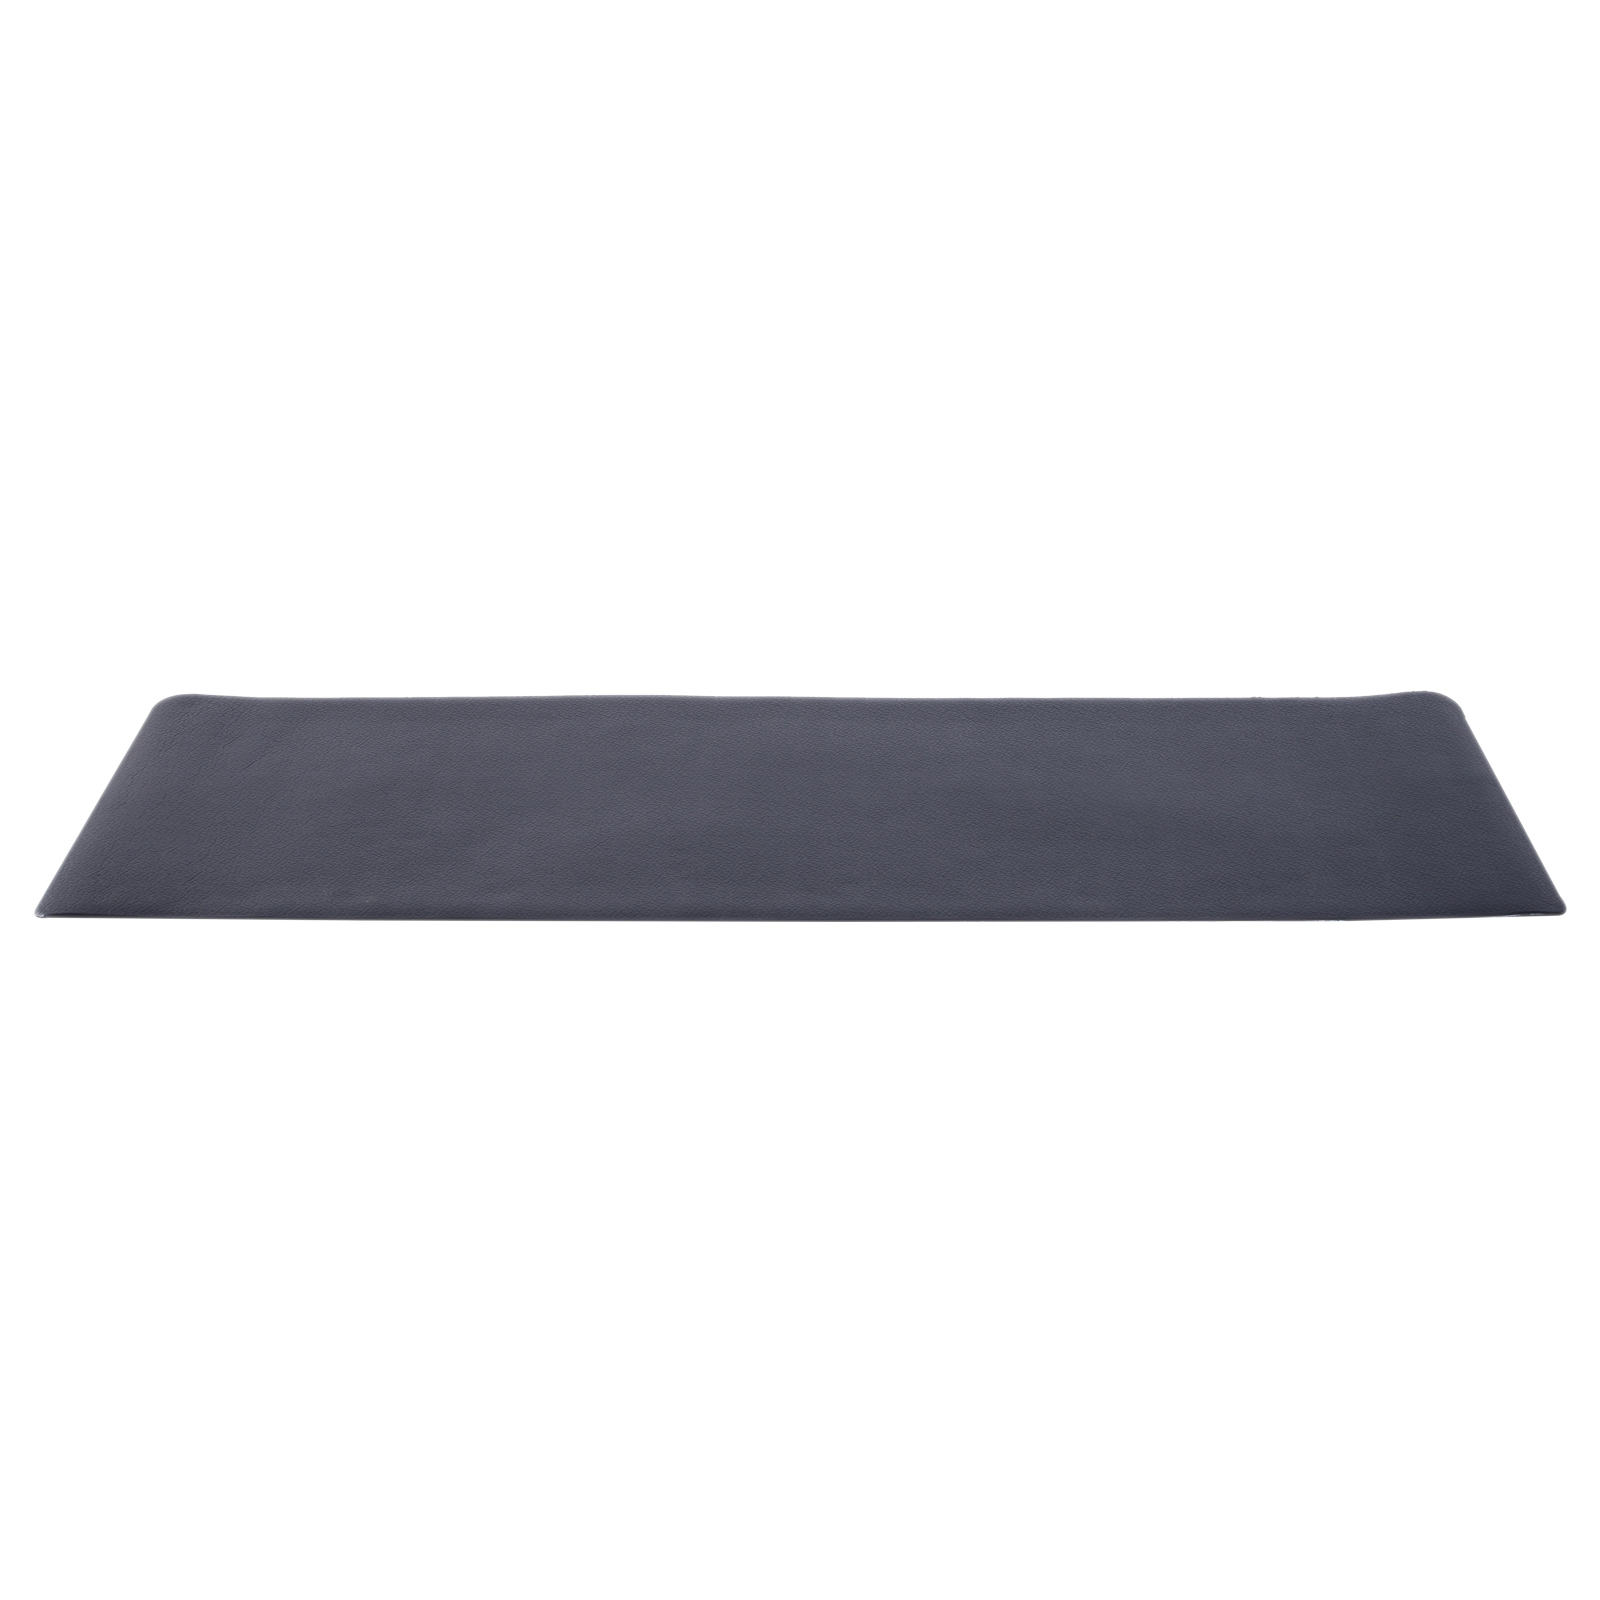 Esterilla-para-Aparato-de-Entrenamiento-Alfombra-de-Fitness-Protectora-Suelo-4mm miniatura 3